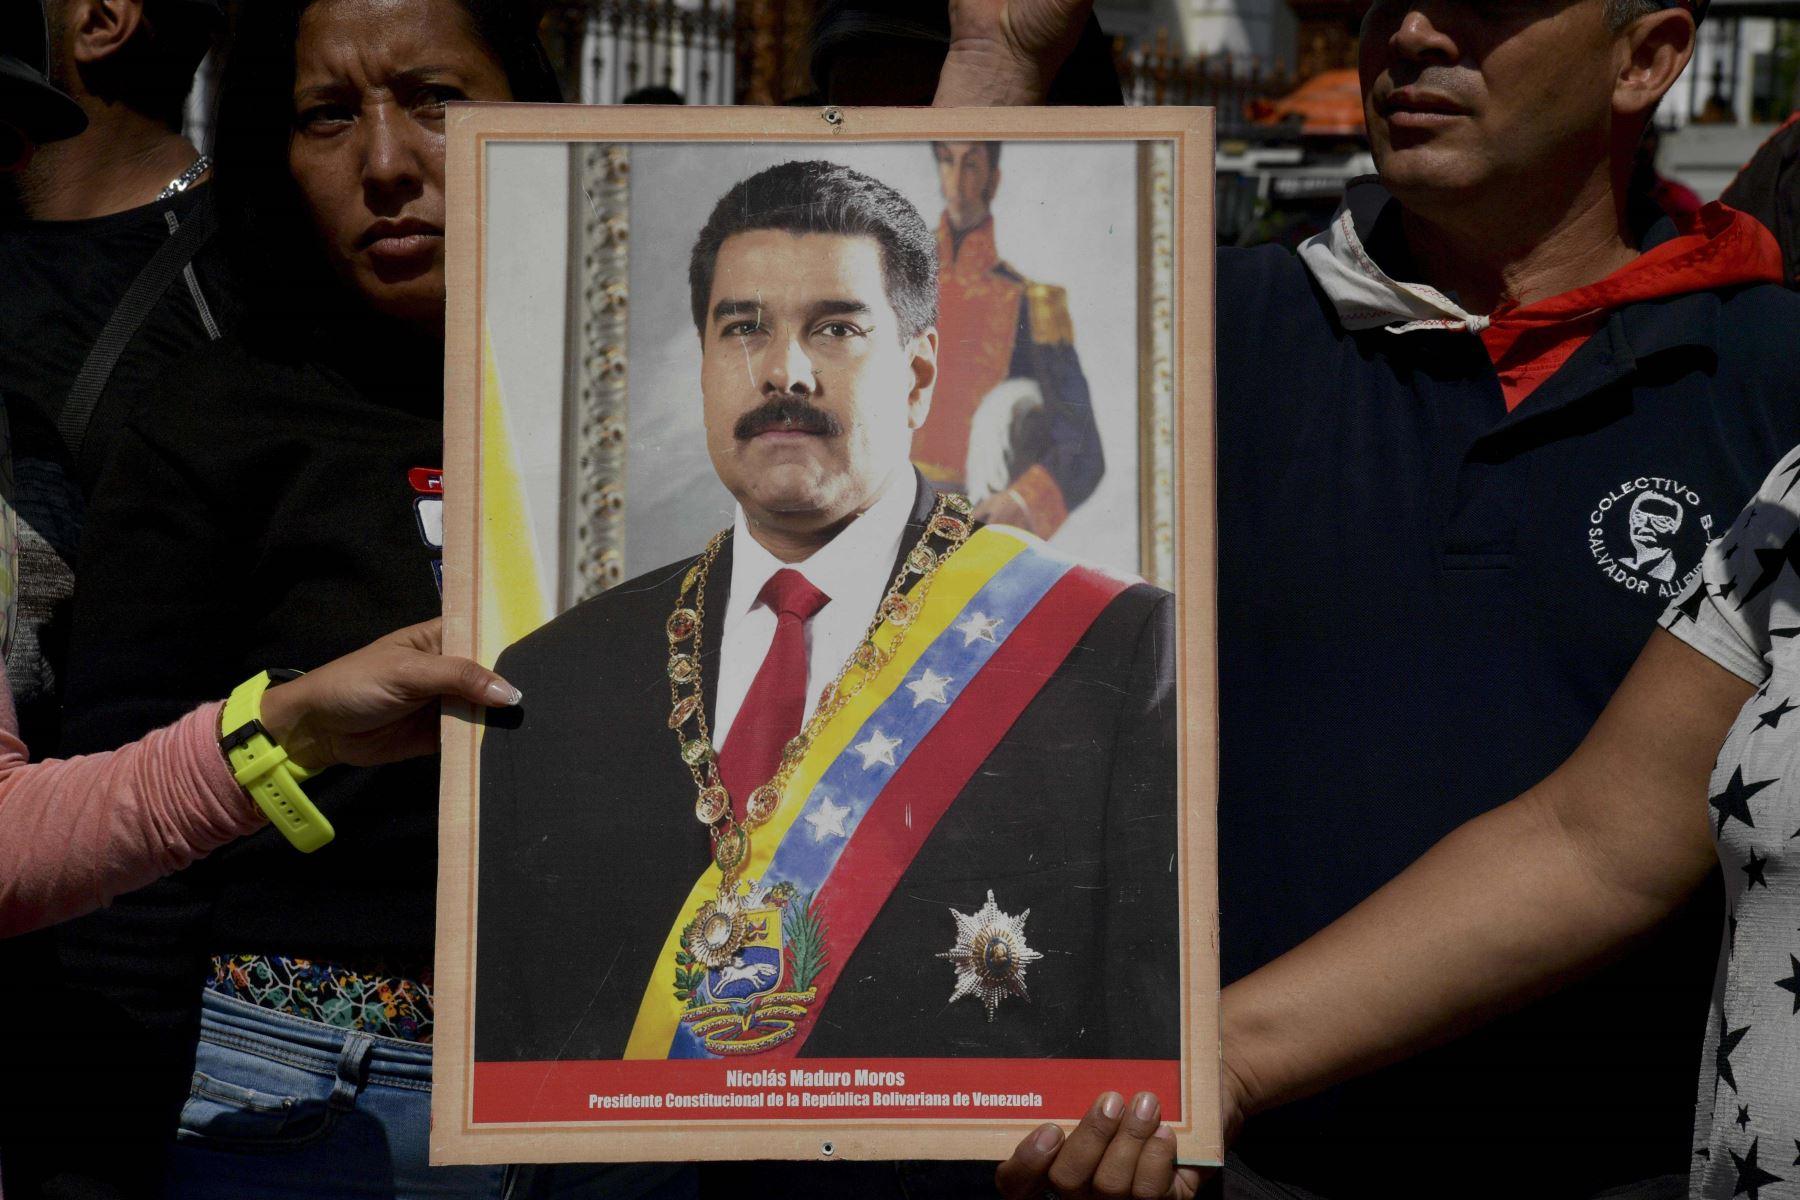 Simpatizantes del presidente venezolano Nicolás Maduro sostienen un retrato de él Foto: AFP